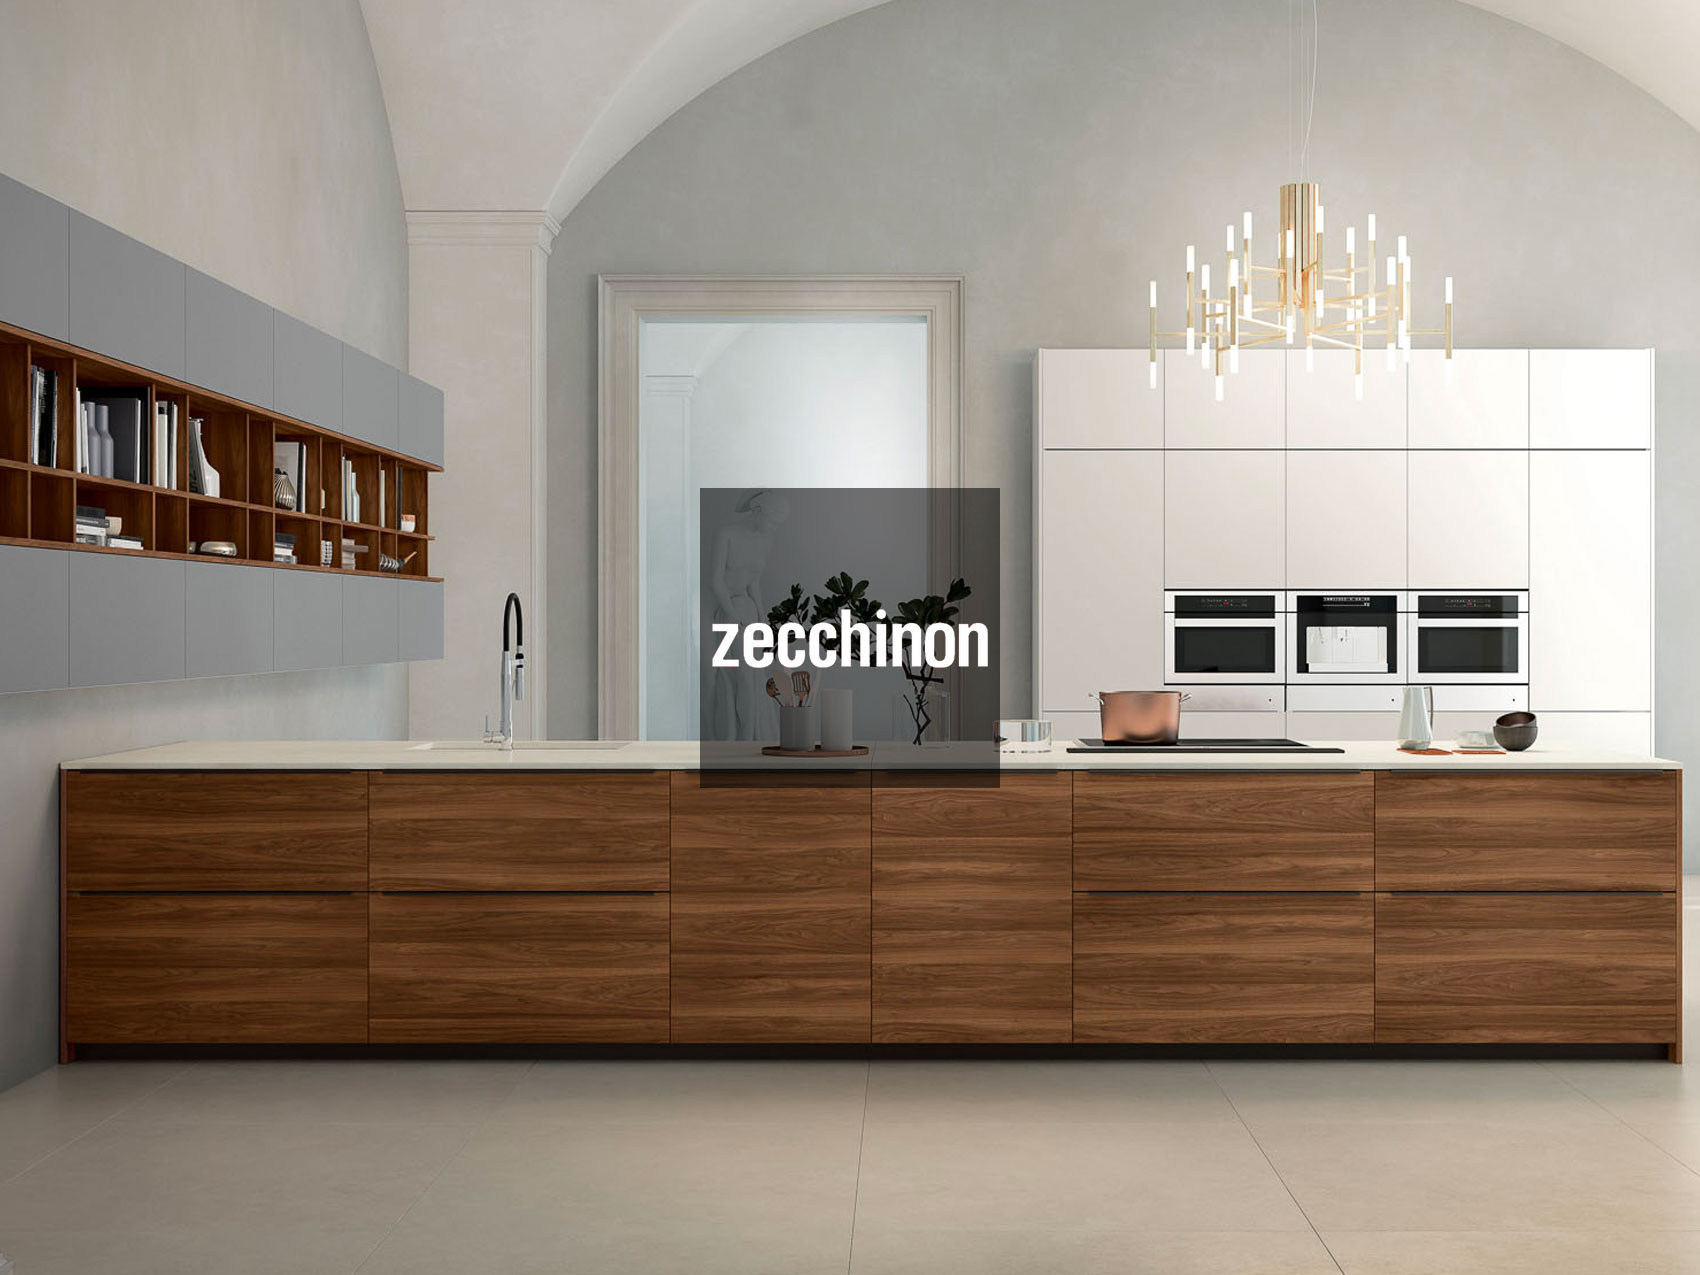 Zecchinon Cucine Ama Mobili